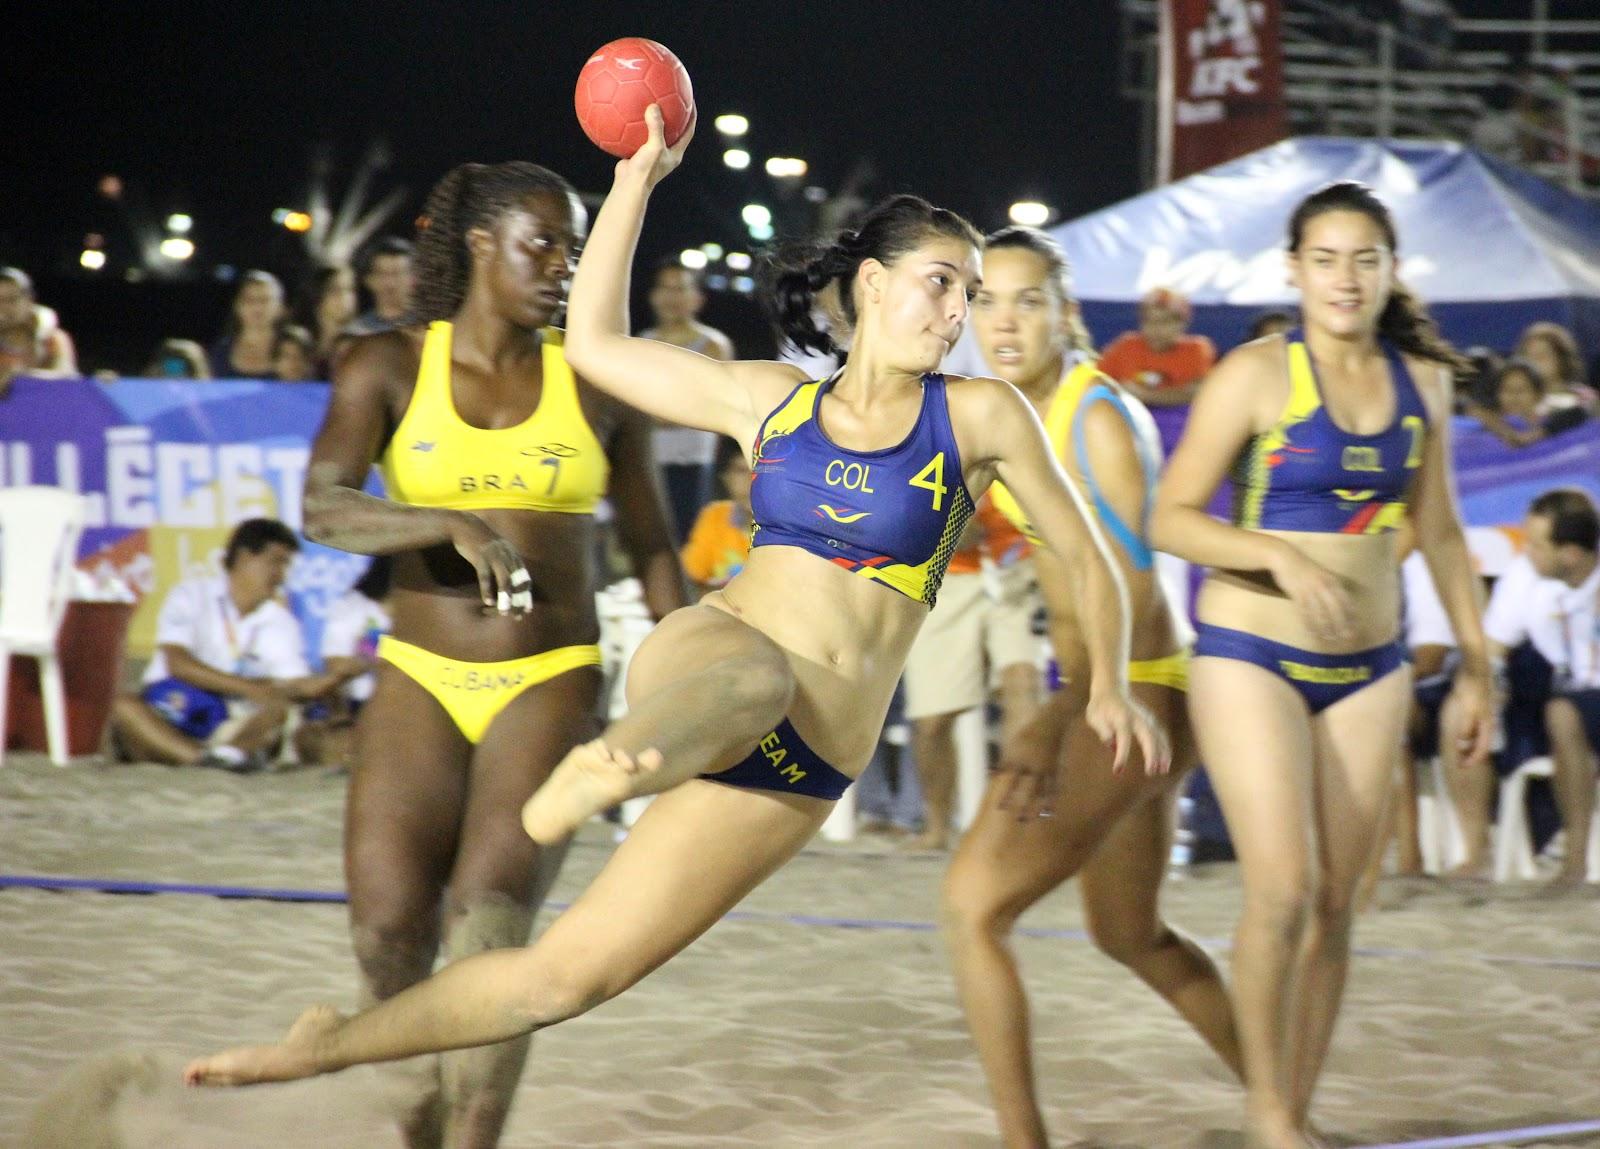 Juegos Mundiales: el Balonmano de Playa vibrará en Cañaveralejo